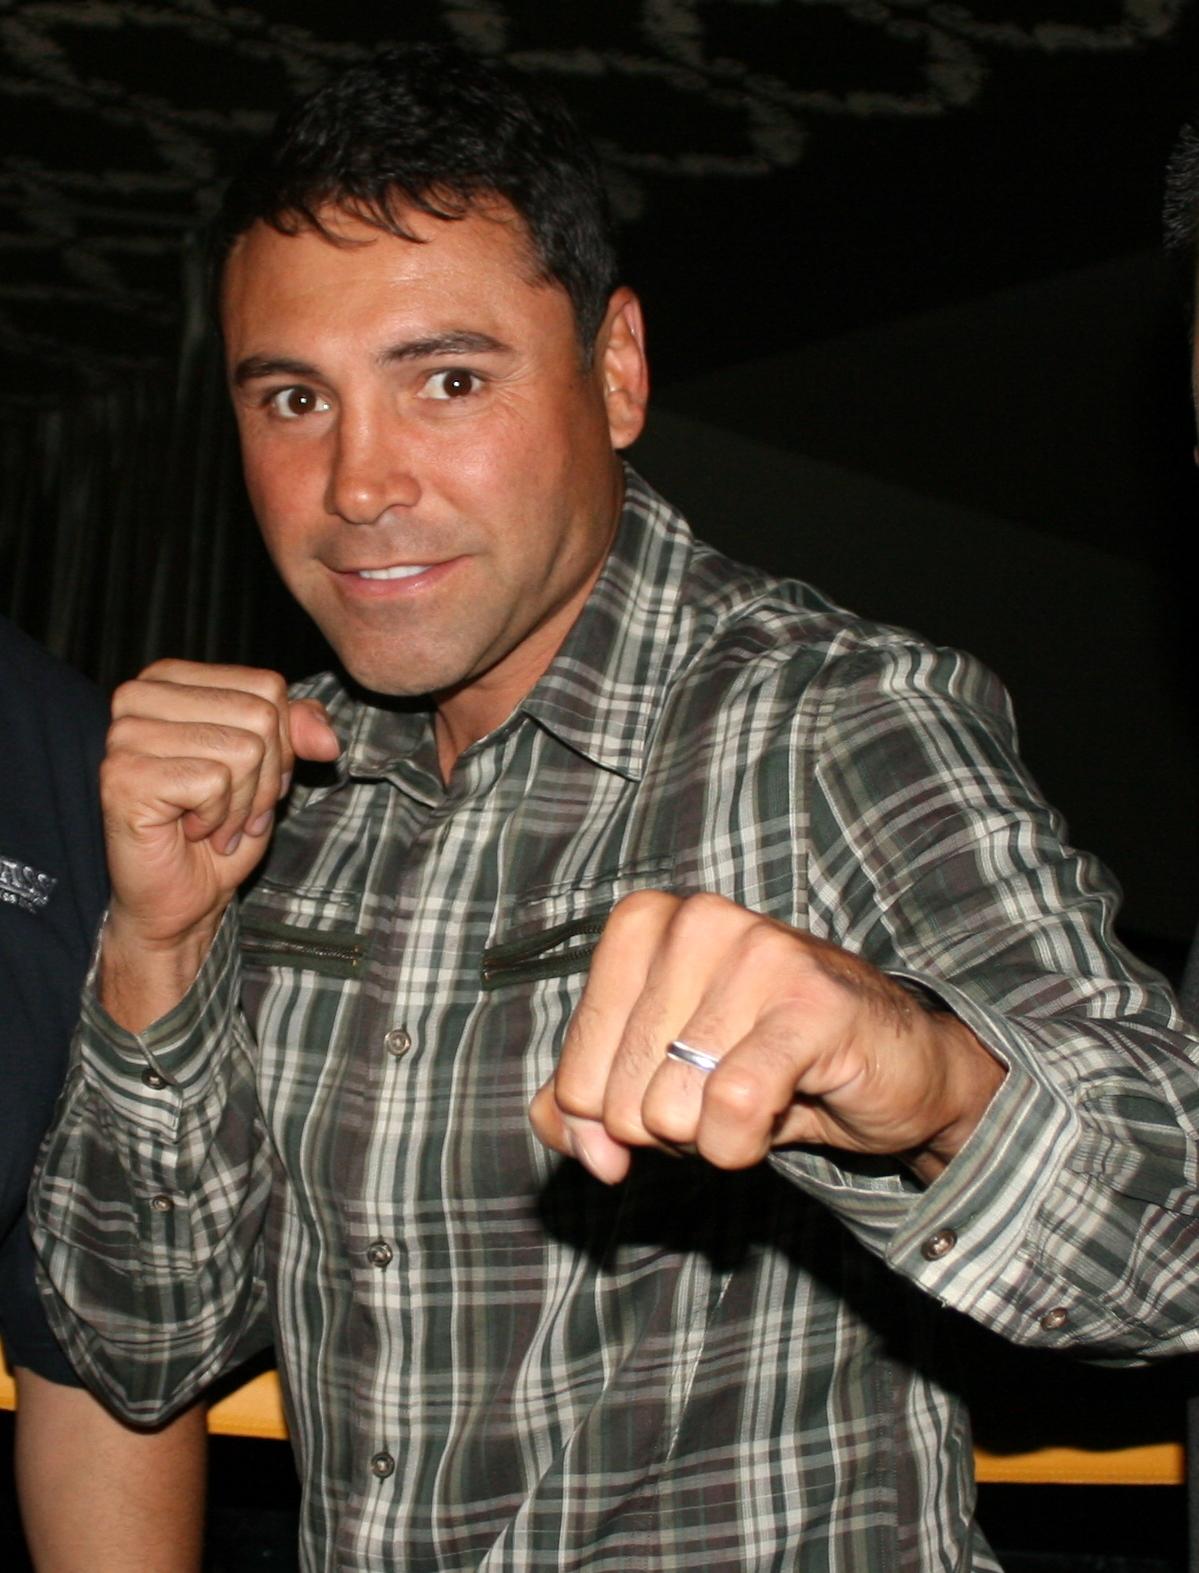 Oscar De La Hoya - Wikipedia, The Free Encyclopedia